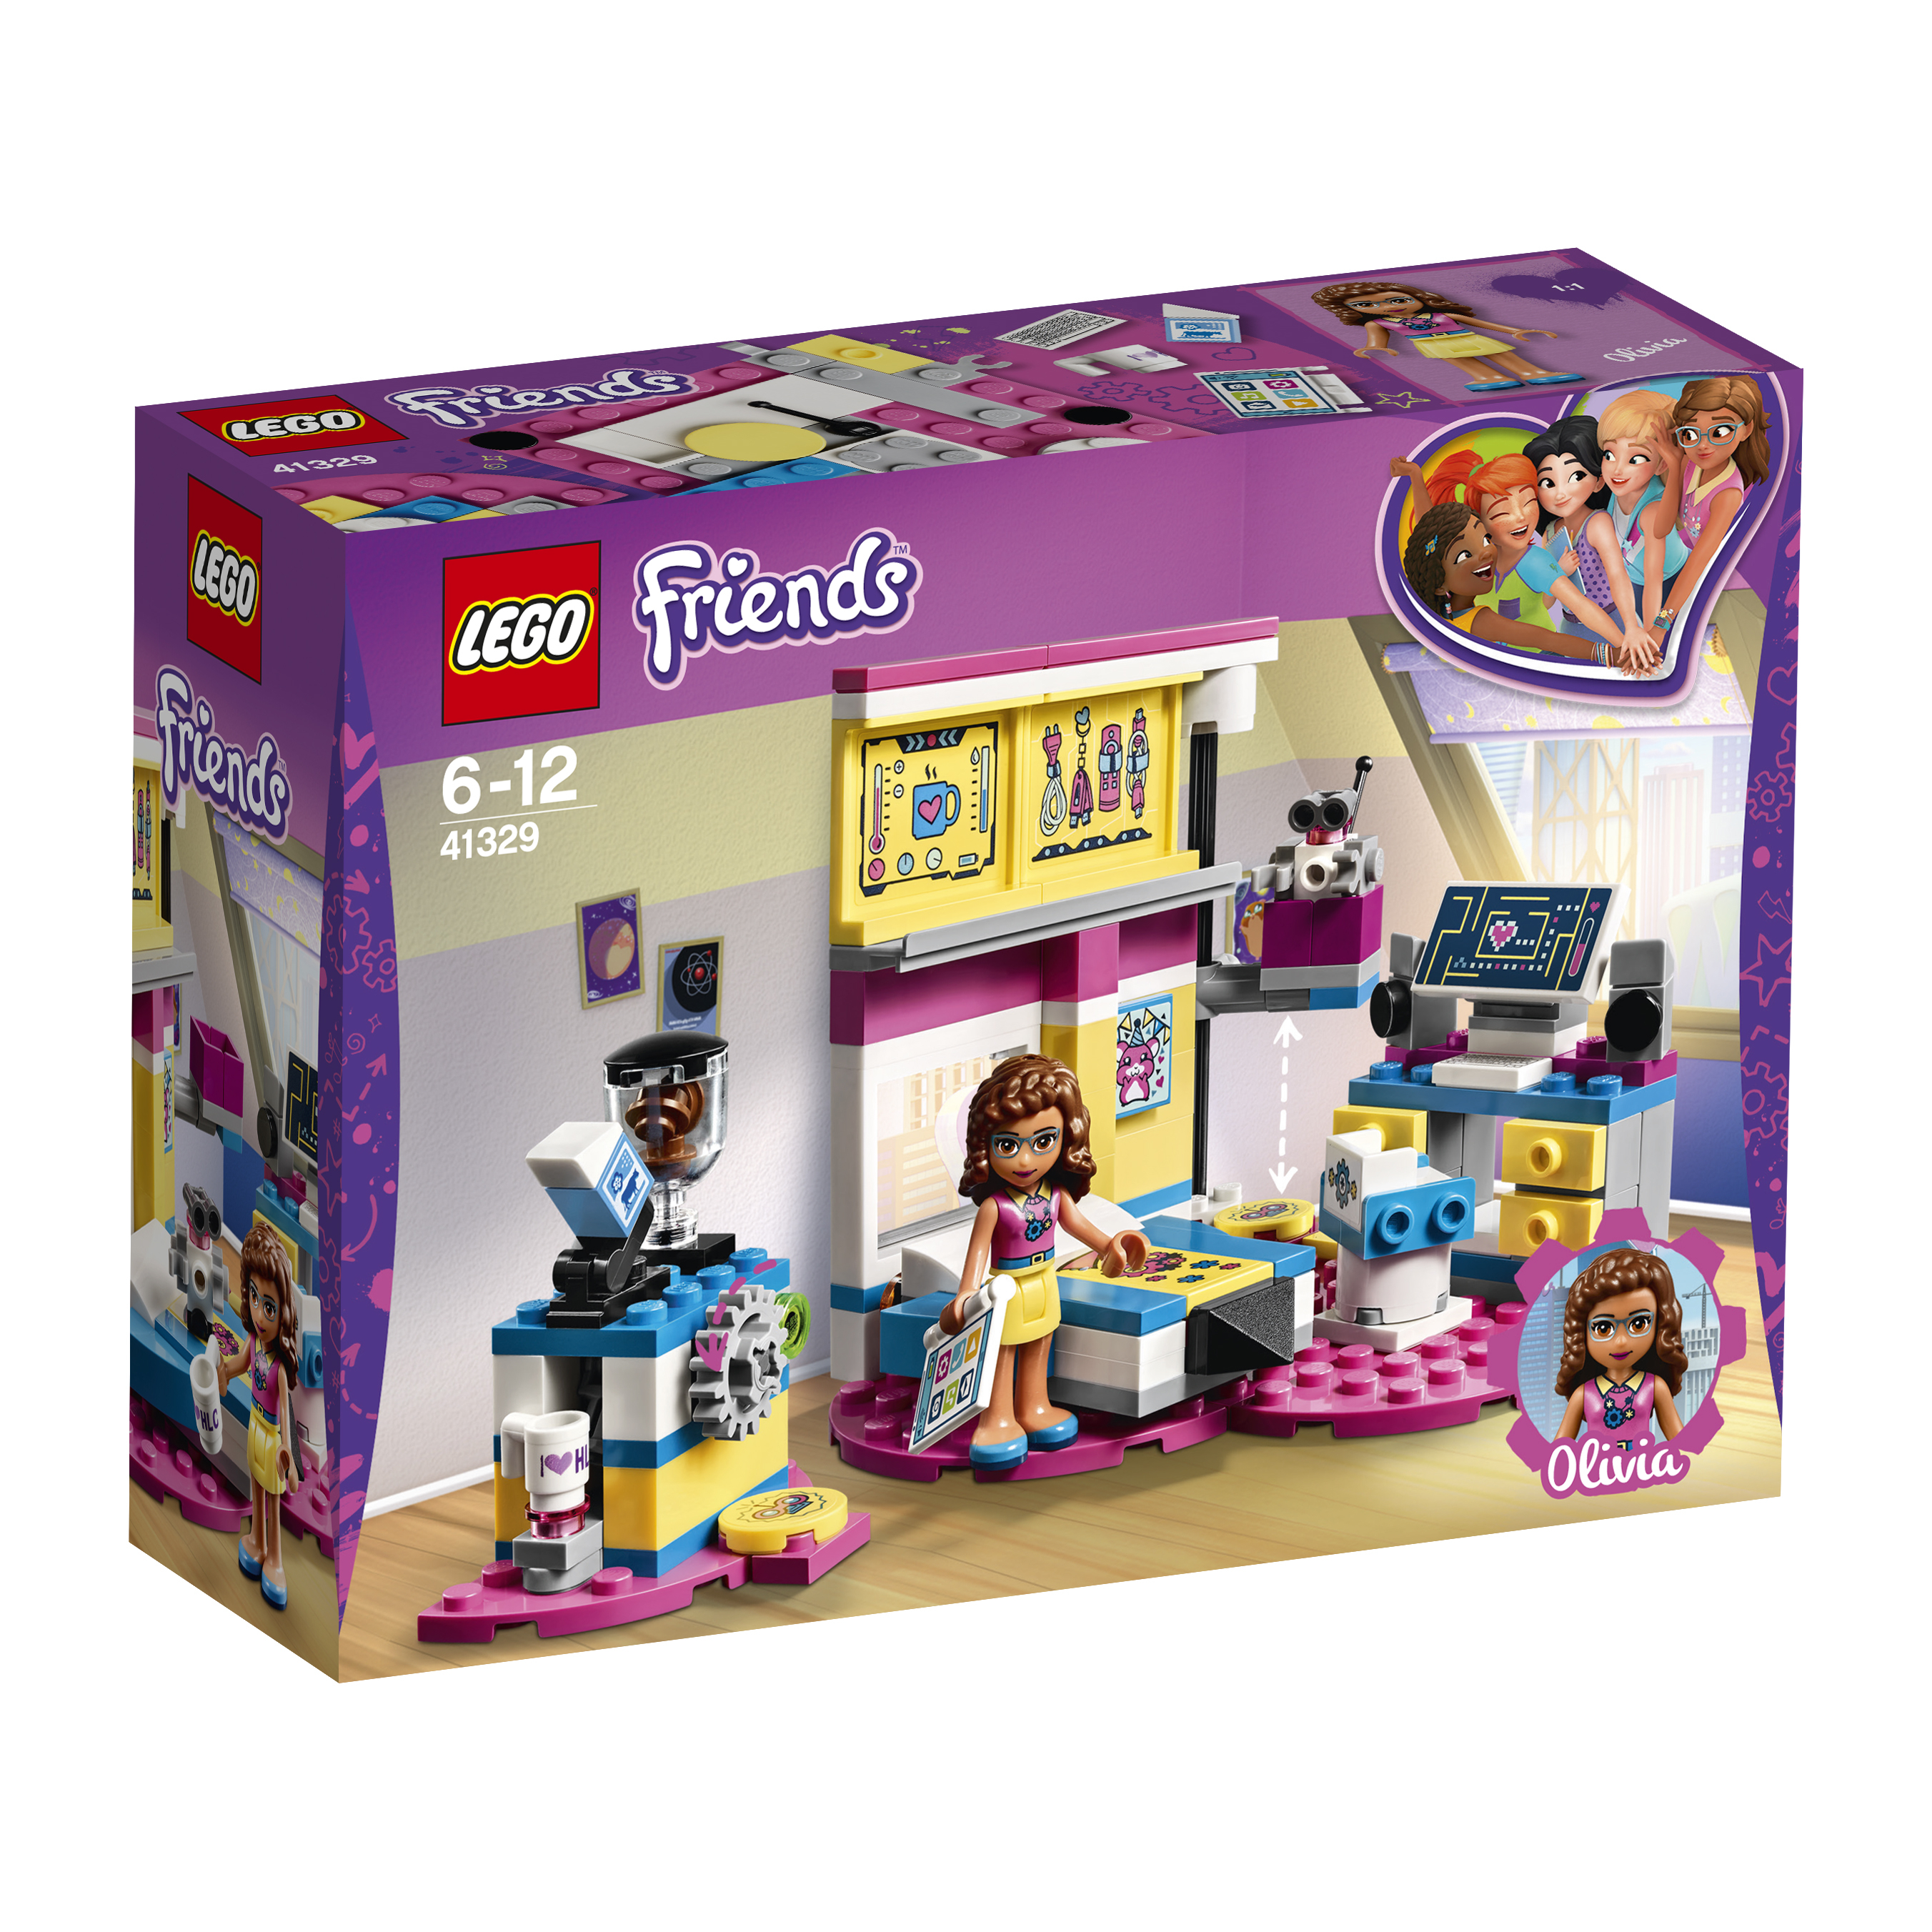 Конструктор LEGO Friends 41329 Комната Оливии конструктор bela friends 10168 оливия и домик на колёсах